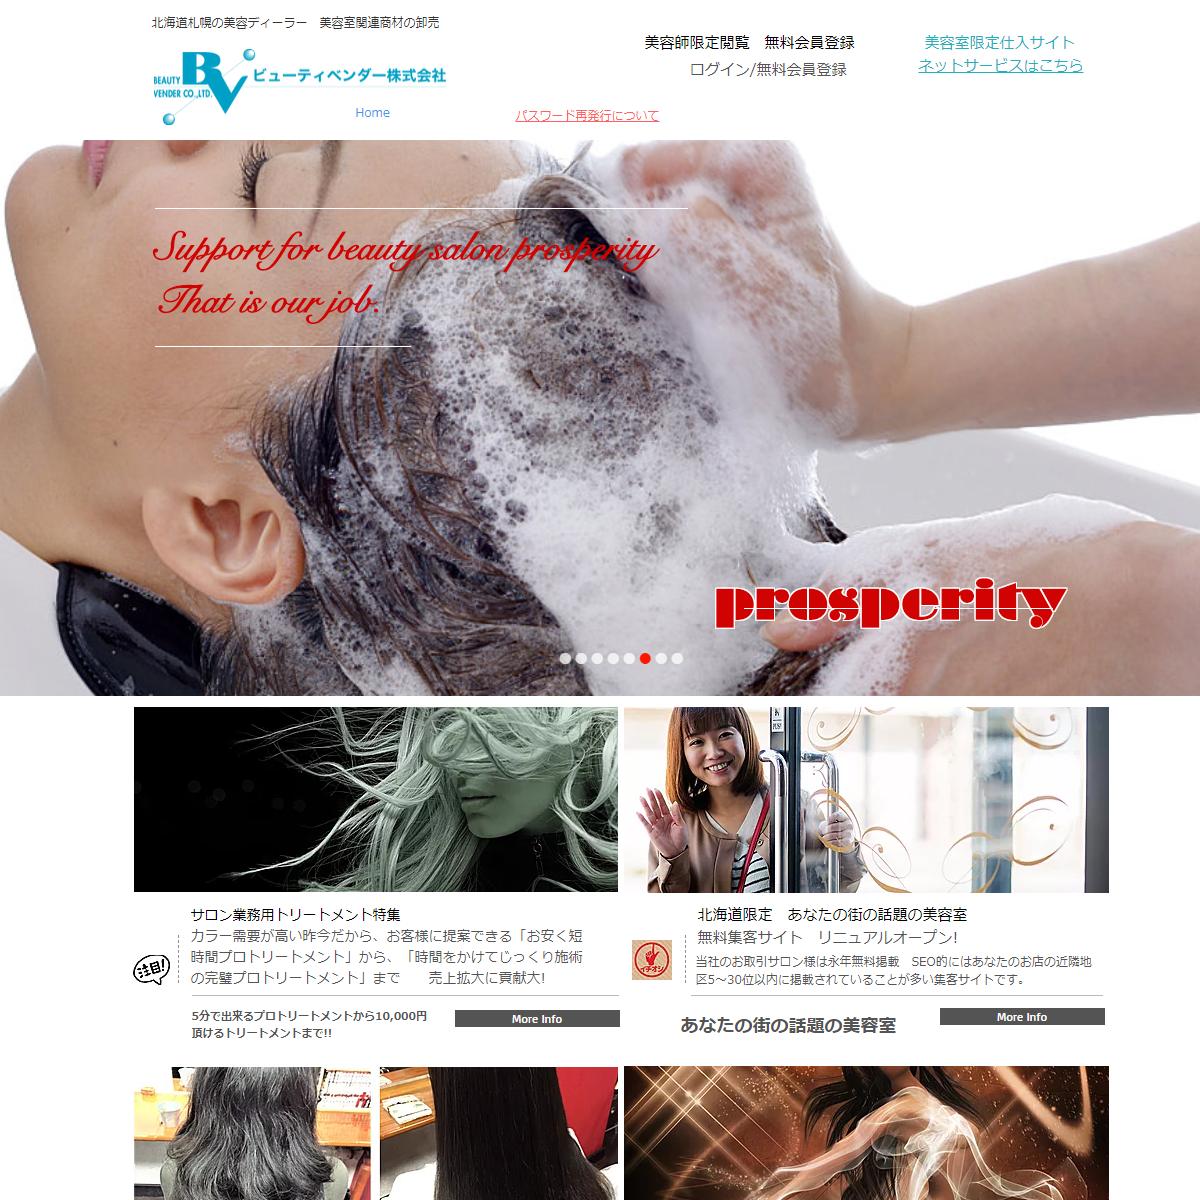 ビューティベンダー株式会社 _ 情報サイト